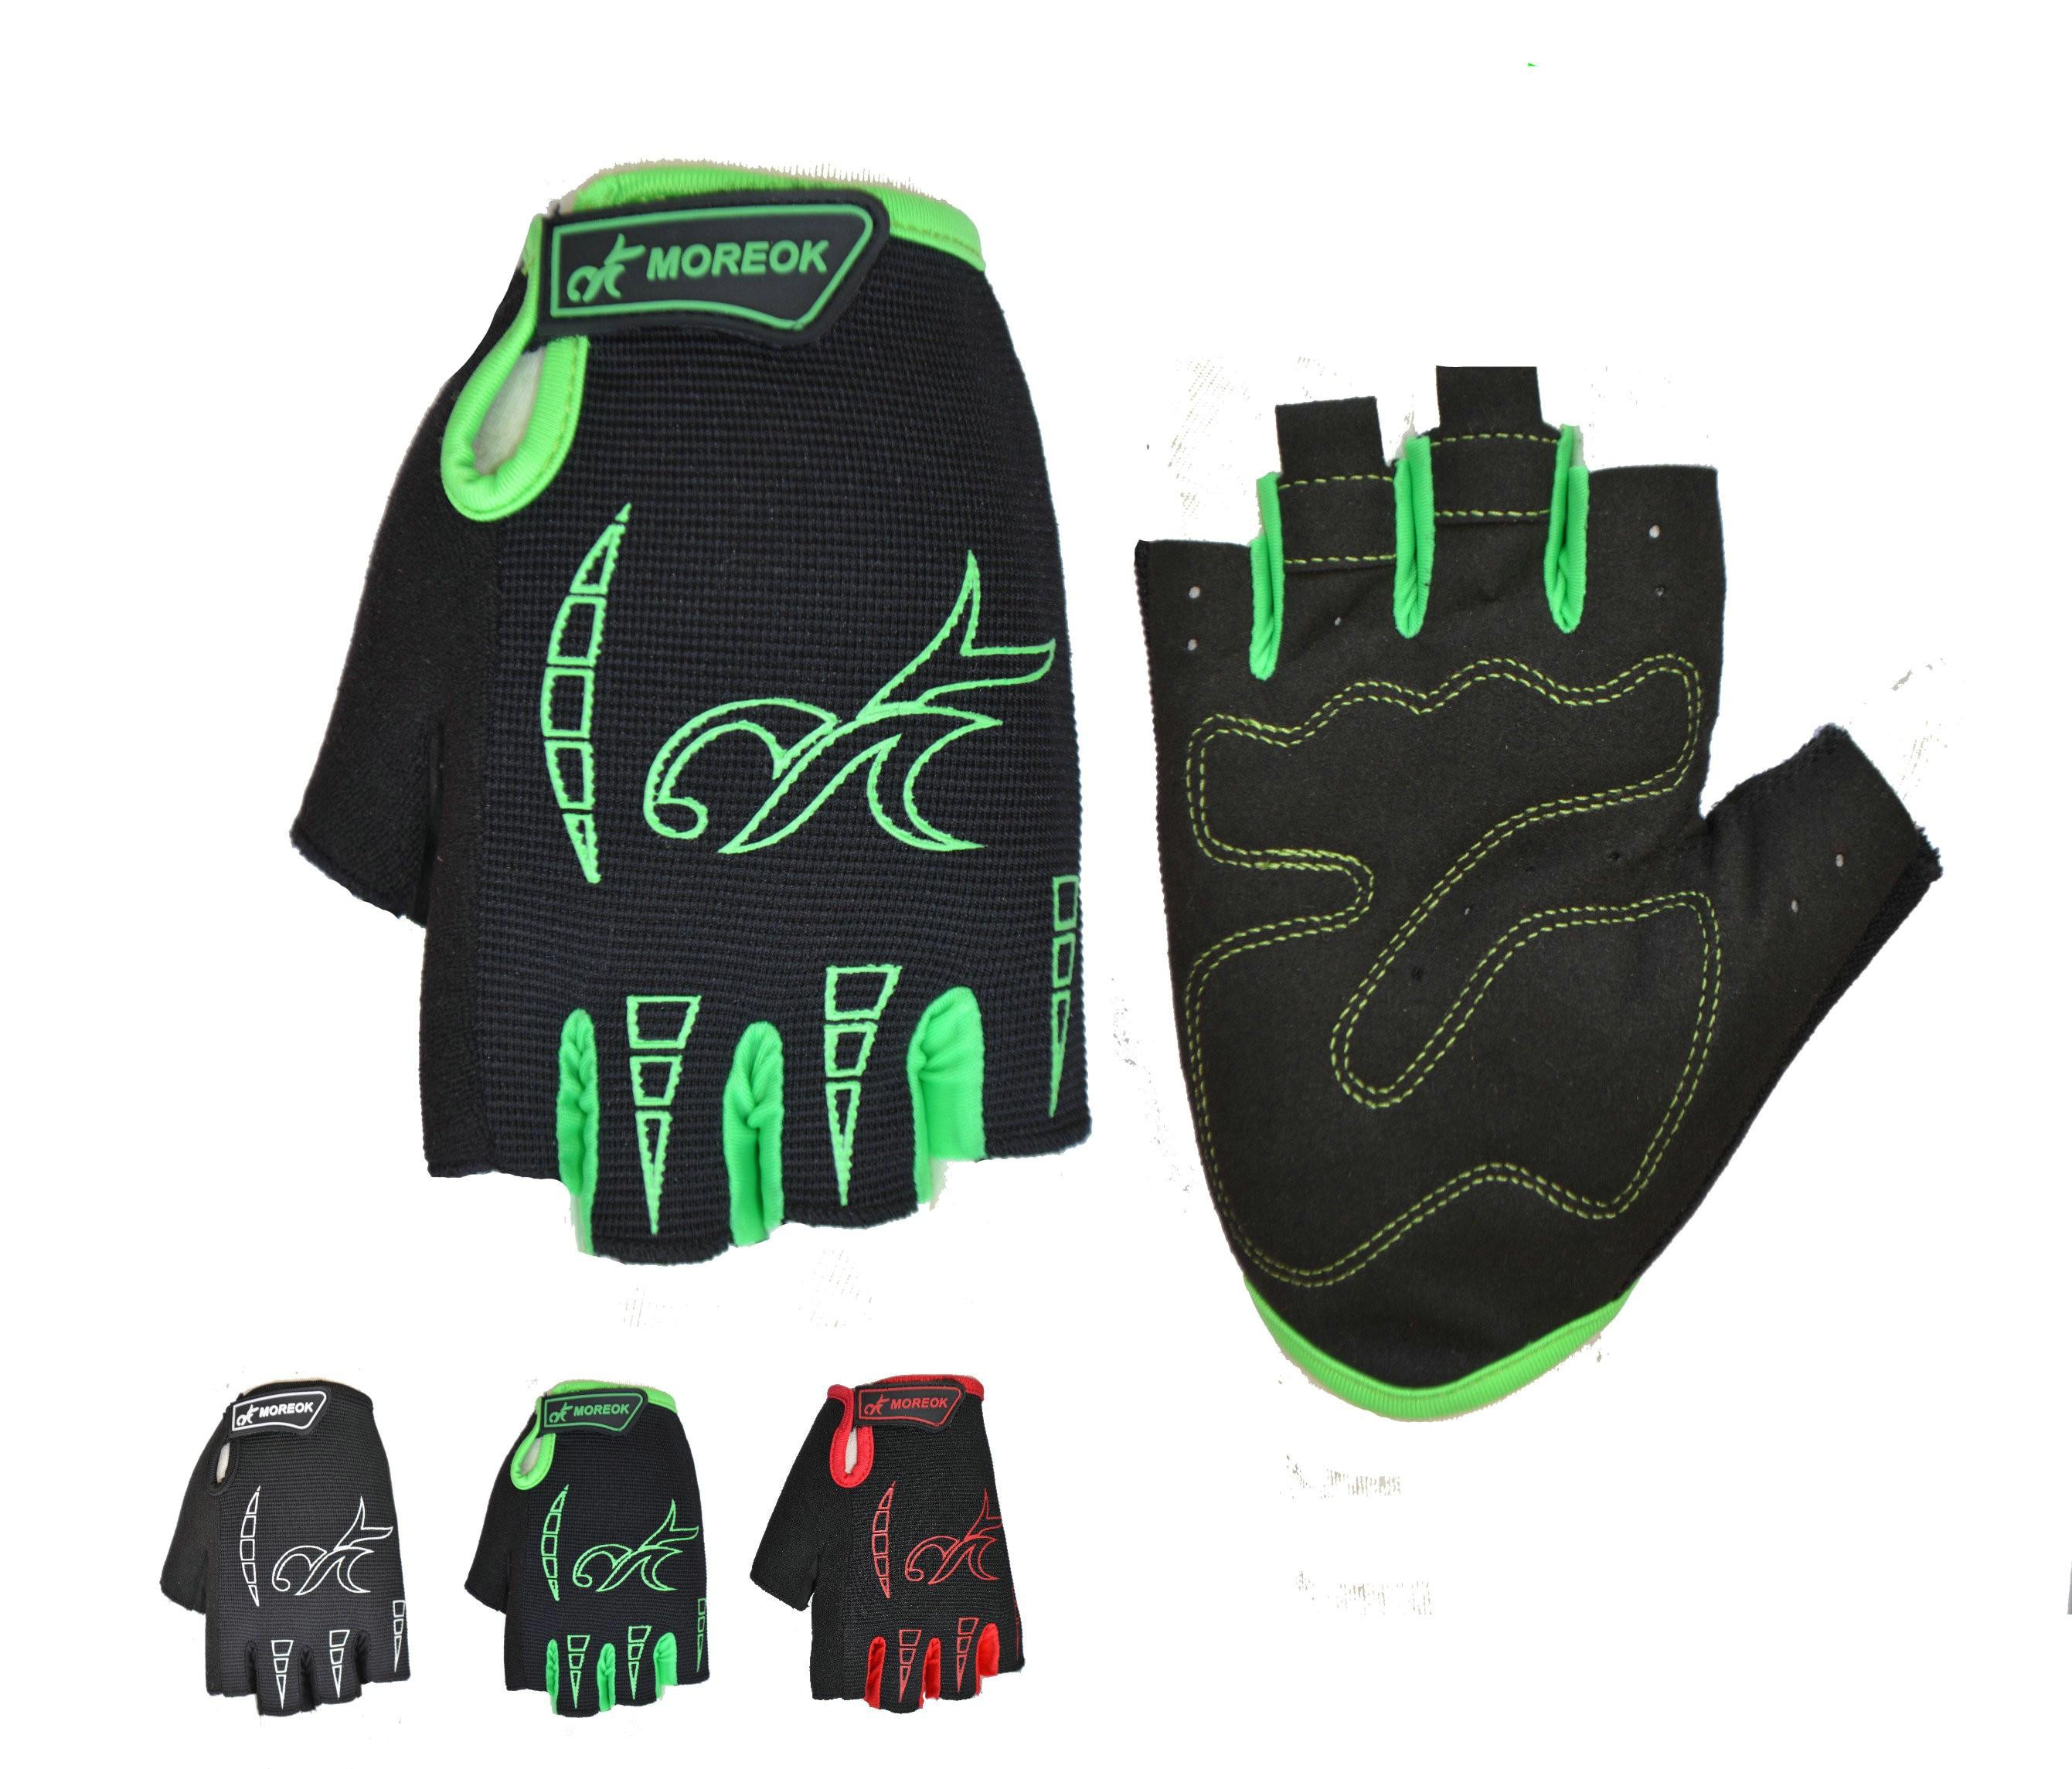 Для Мужчин велосипедные перчатки удобные велосипедов Спорт Половина Finger Антискользящая гель Pad мотоциклетные MTB дорожный велосипед перчат...